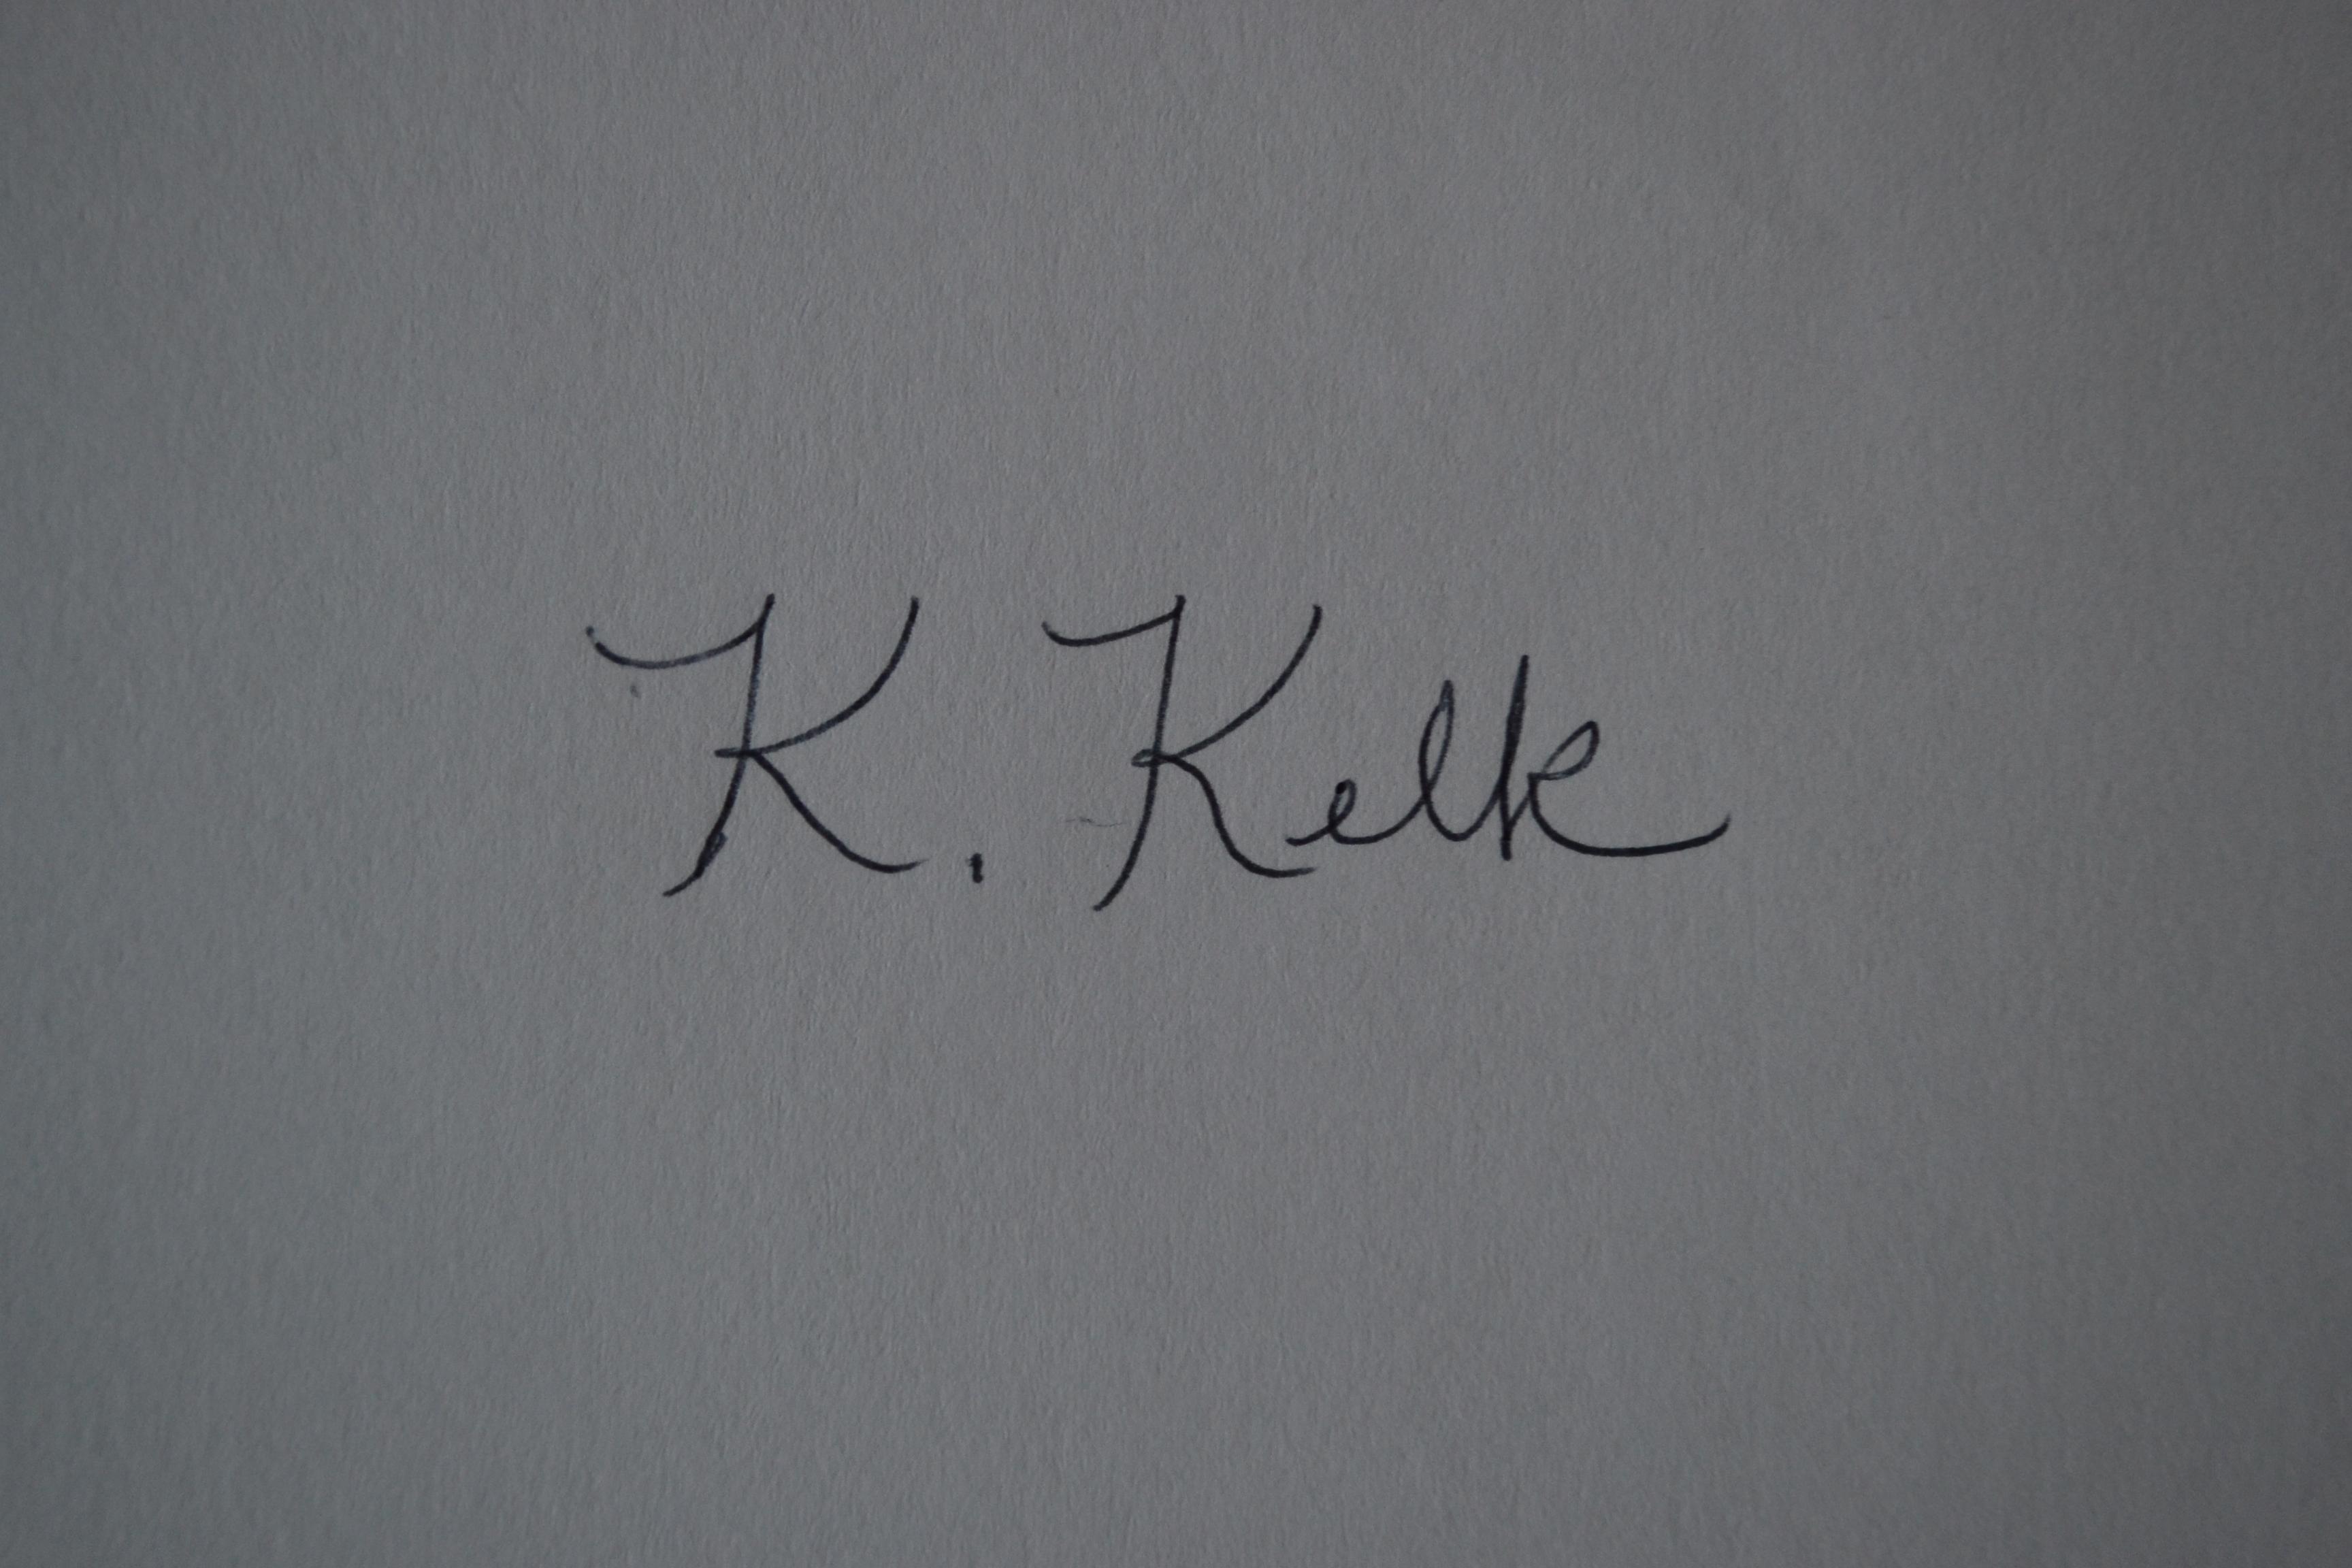 Katherine Kelk's Signature